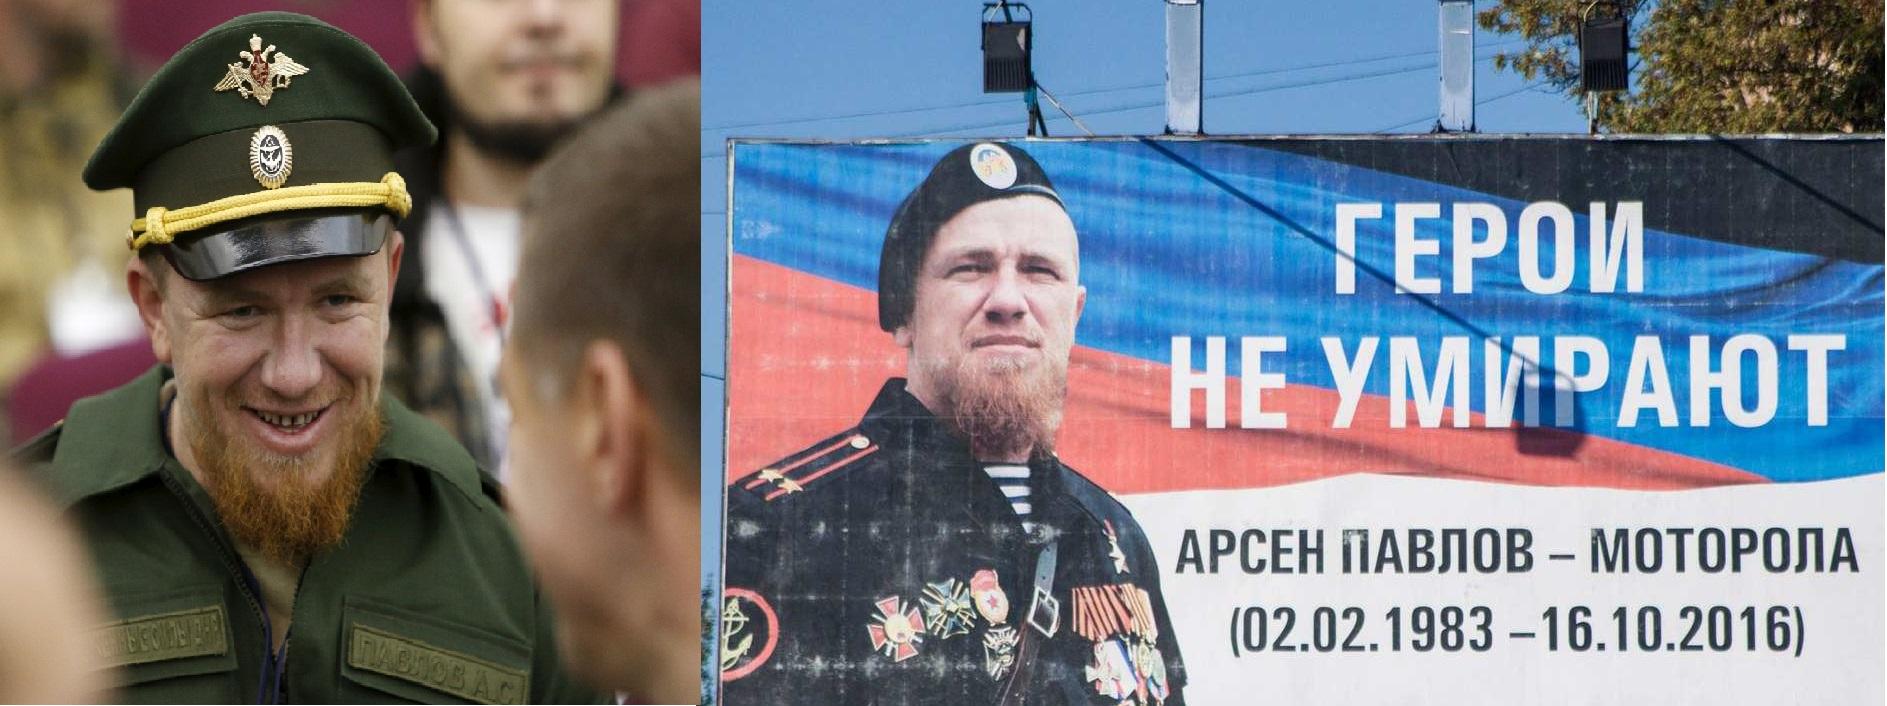 Моторола - герой Новороссии